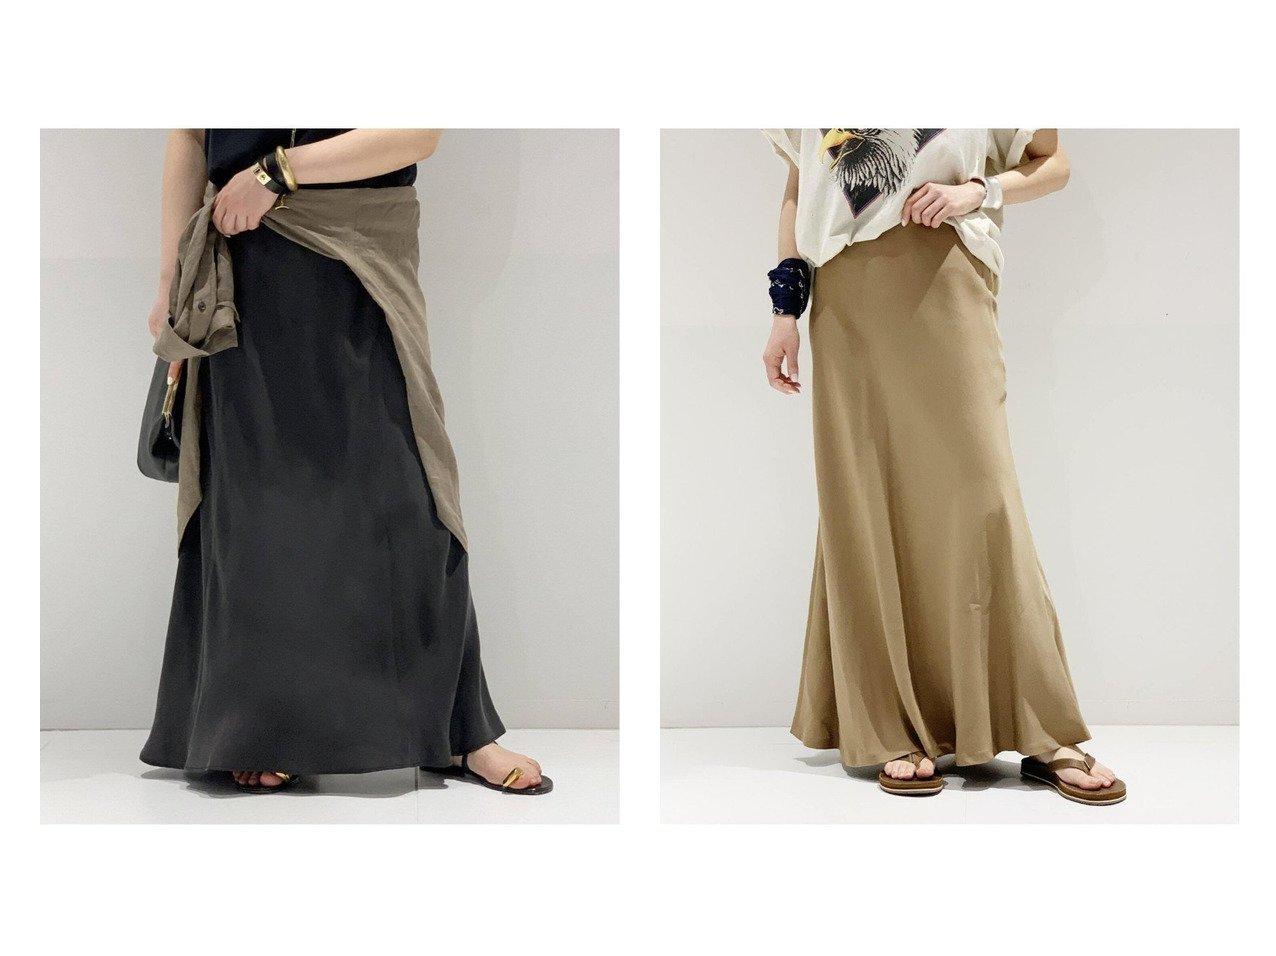 【AP STUDIO/エーピーストゥディオ】のSCENTOF MOLESKIN フレアスカート&New フィブリル キュプラスカート 【スカート】おすすめ!人気、トレンド・レディースファッションの通販 おすすめで人気の流行・トレンド、ファッションの通販商品 インテリア・家具・メンズファッション・キッズファッション・レディースファッション・服の通販 founy(ファニー) https://founy.com/ ファッション Fashion レディースファッション WOMEN スカート Skirt ロングスカート Long Skirt Aライン/フレアスカート Flared A-Line Skirts NEW・新作・新着・新入荷 New Arrivals とろみ カットソー サンダル フラット フレア リラックス ロング |ID:crp329100000045117